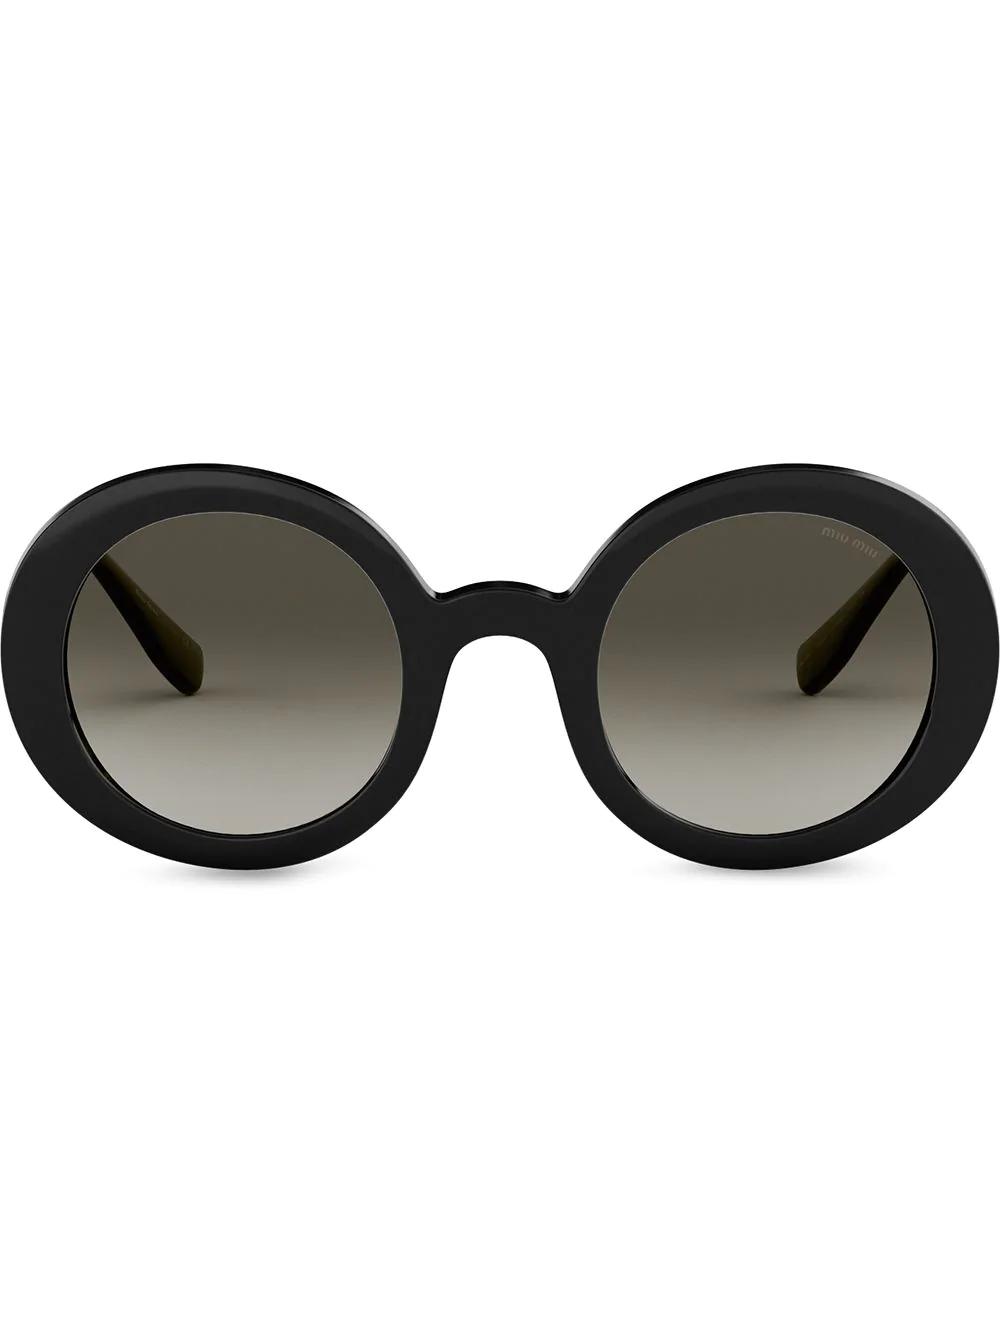 8ccca4486407b Miu Miu Eyewear Logo Eyewear Alternative Fit - Black. Farfetch